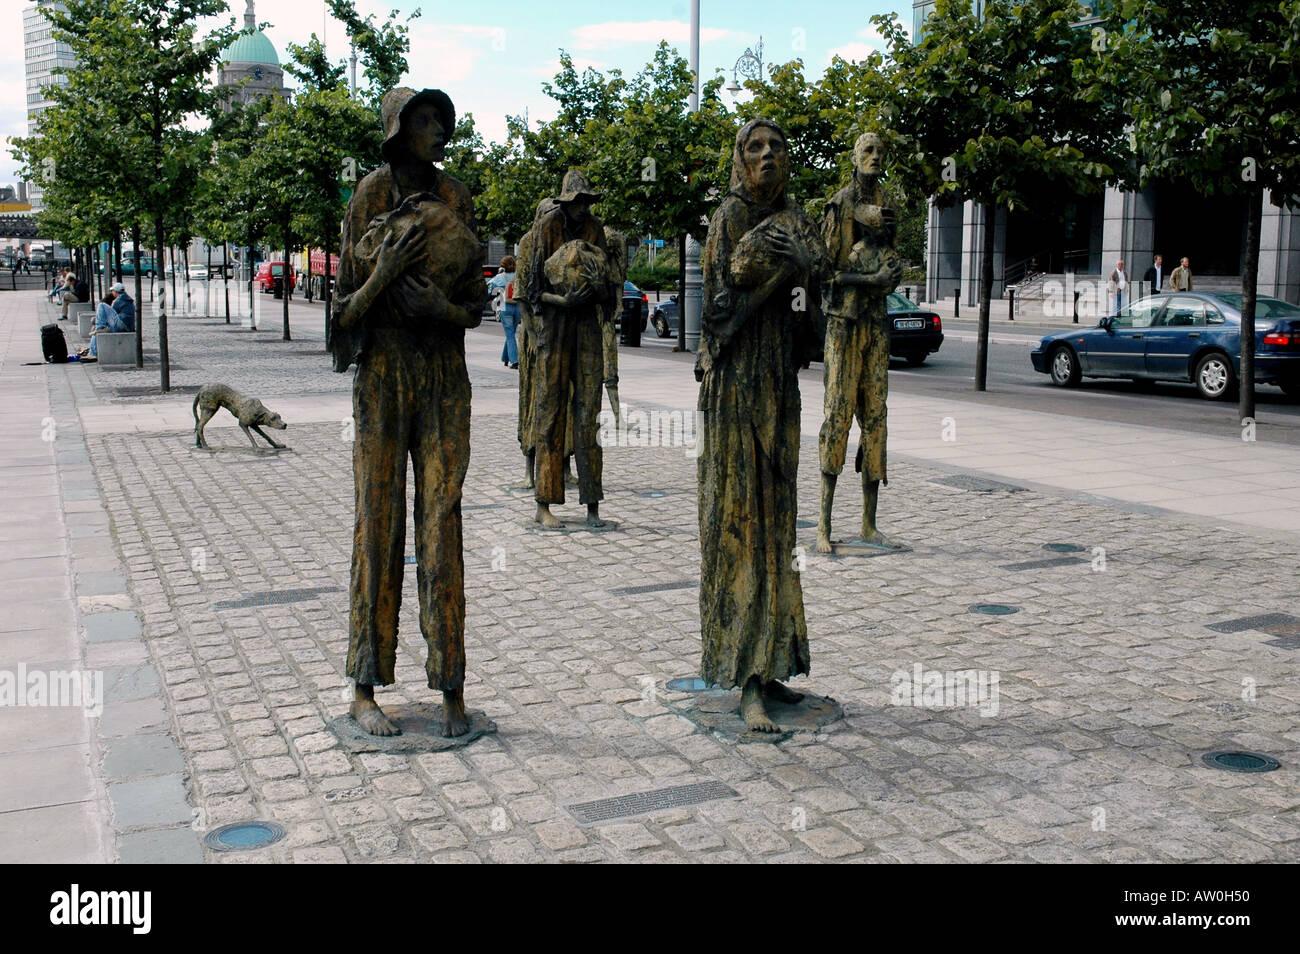 Bronze Memorial to the eighteen forties Great Famine - Stock Image